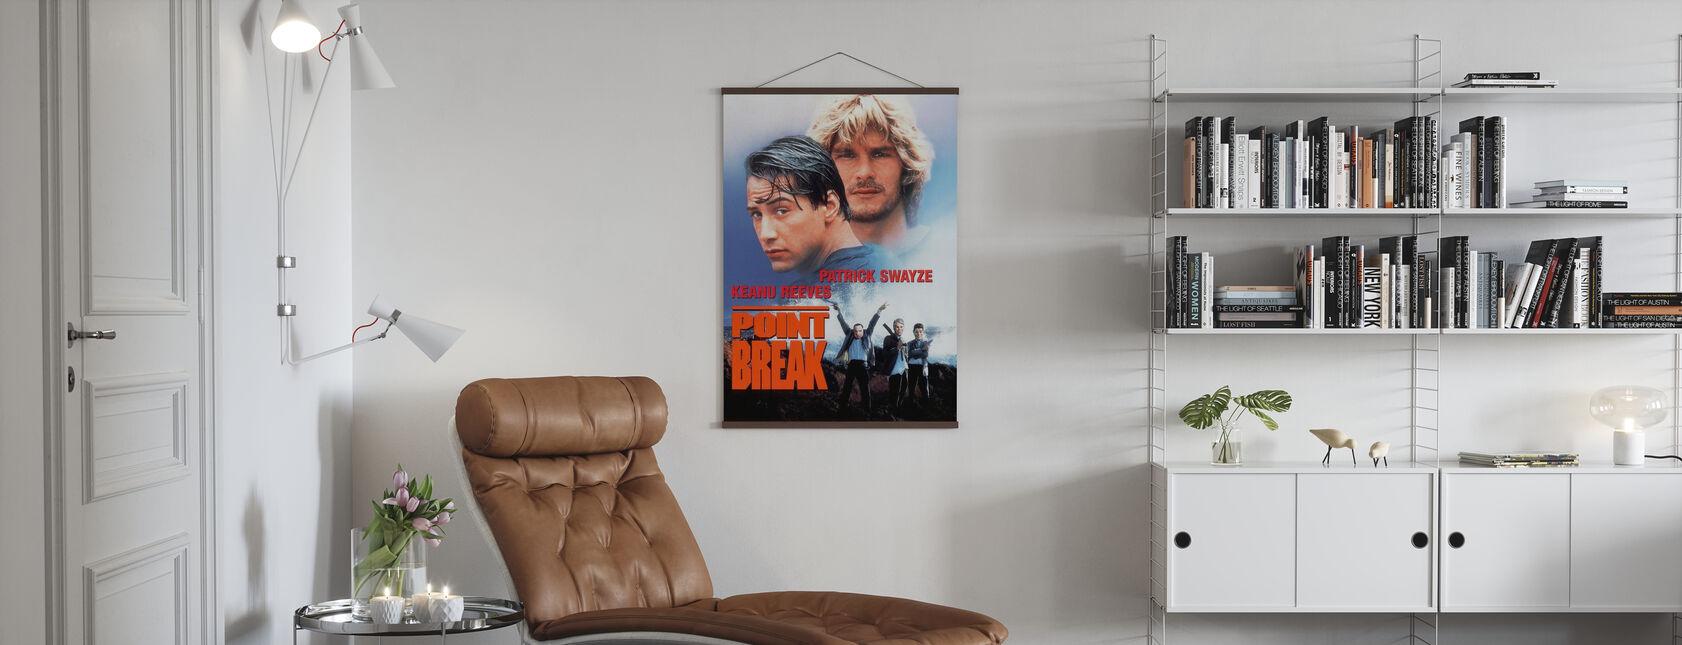 Point Break - Poster - Living Room